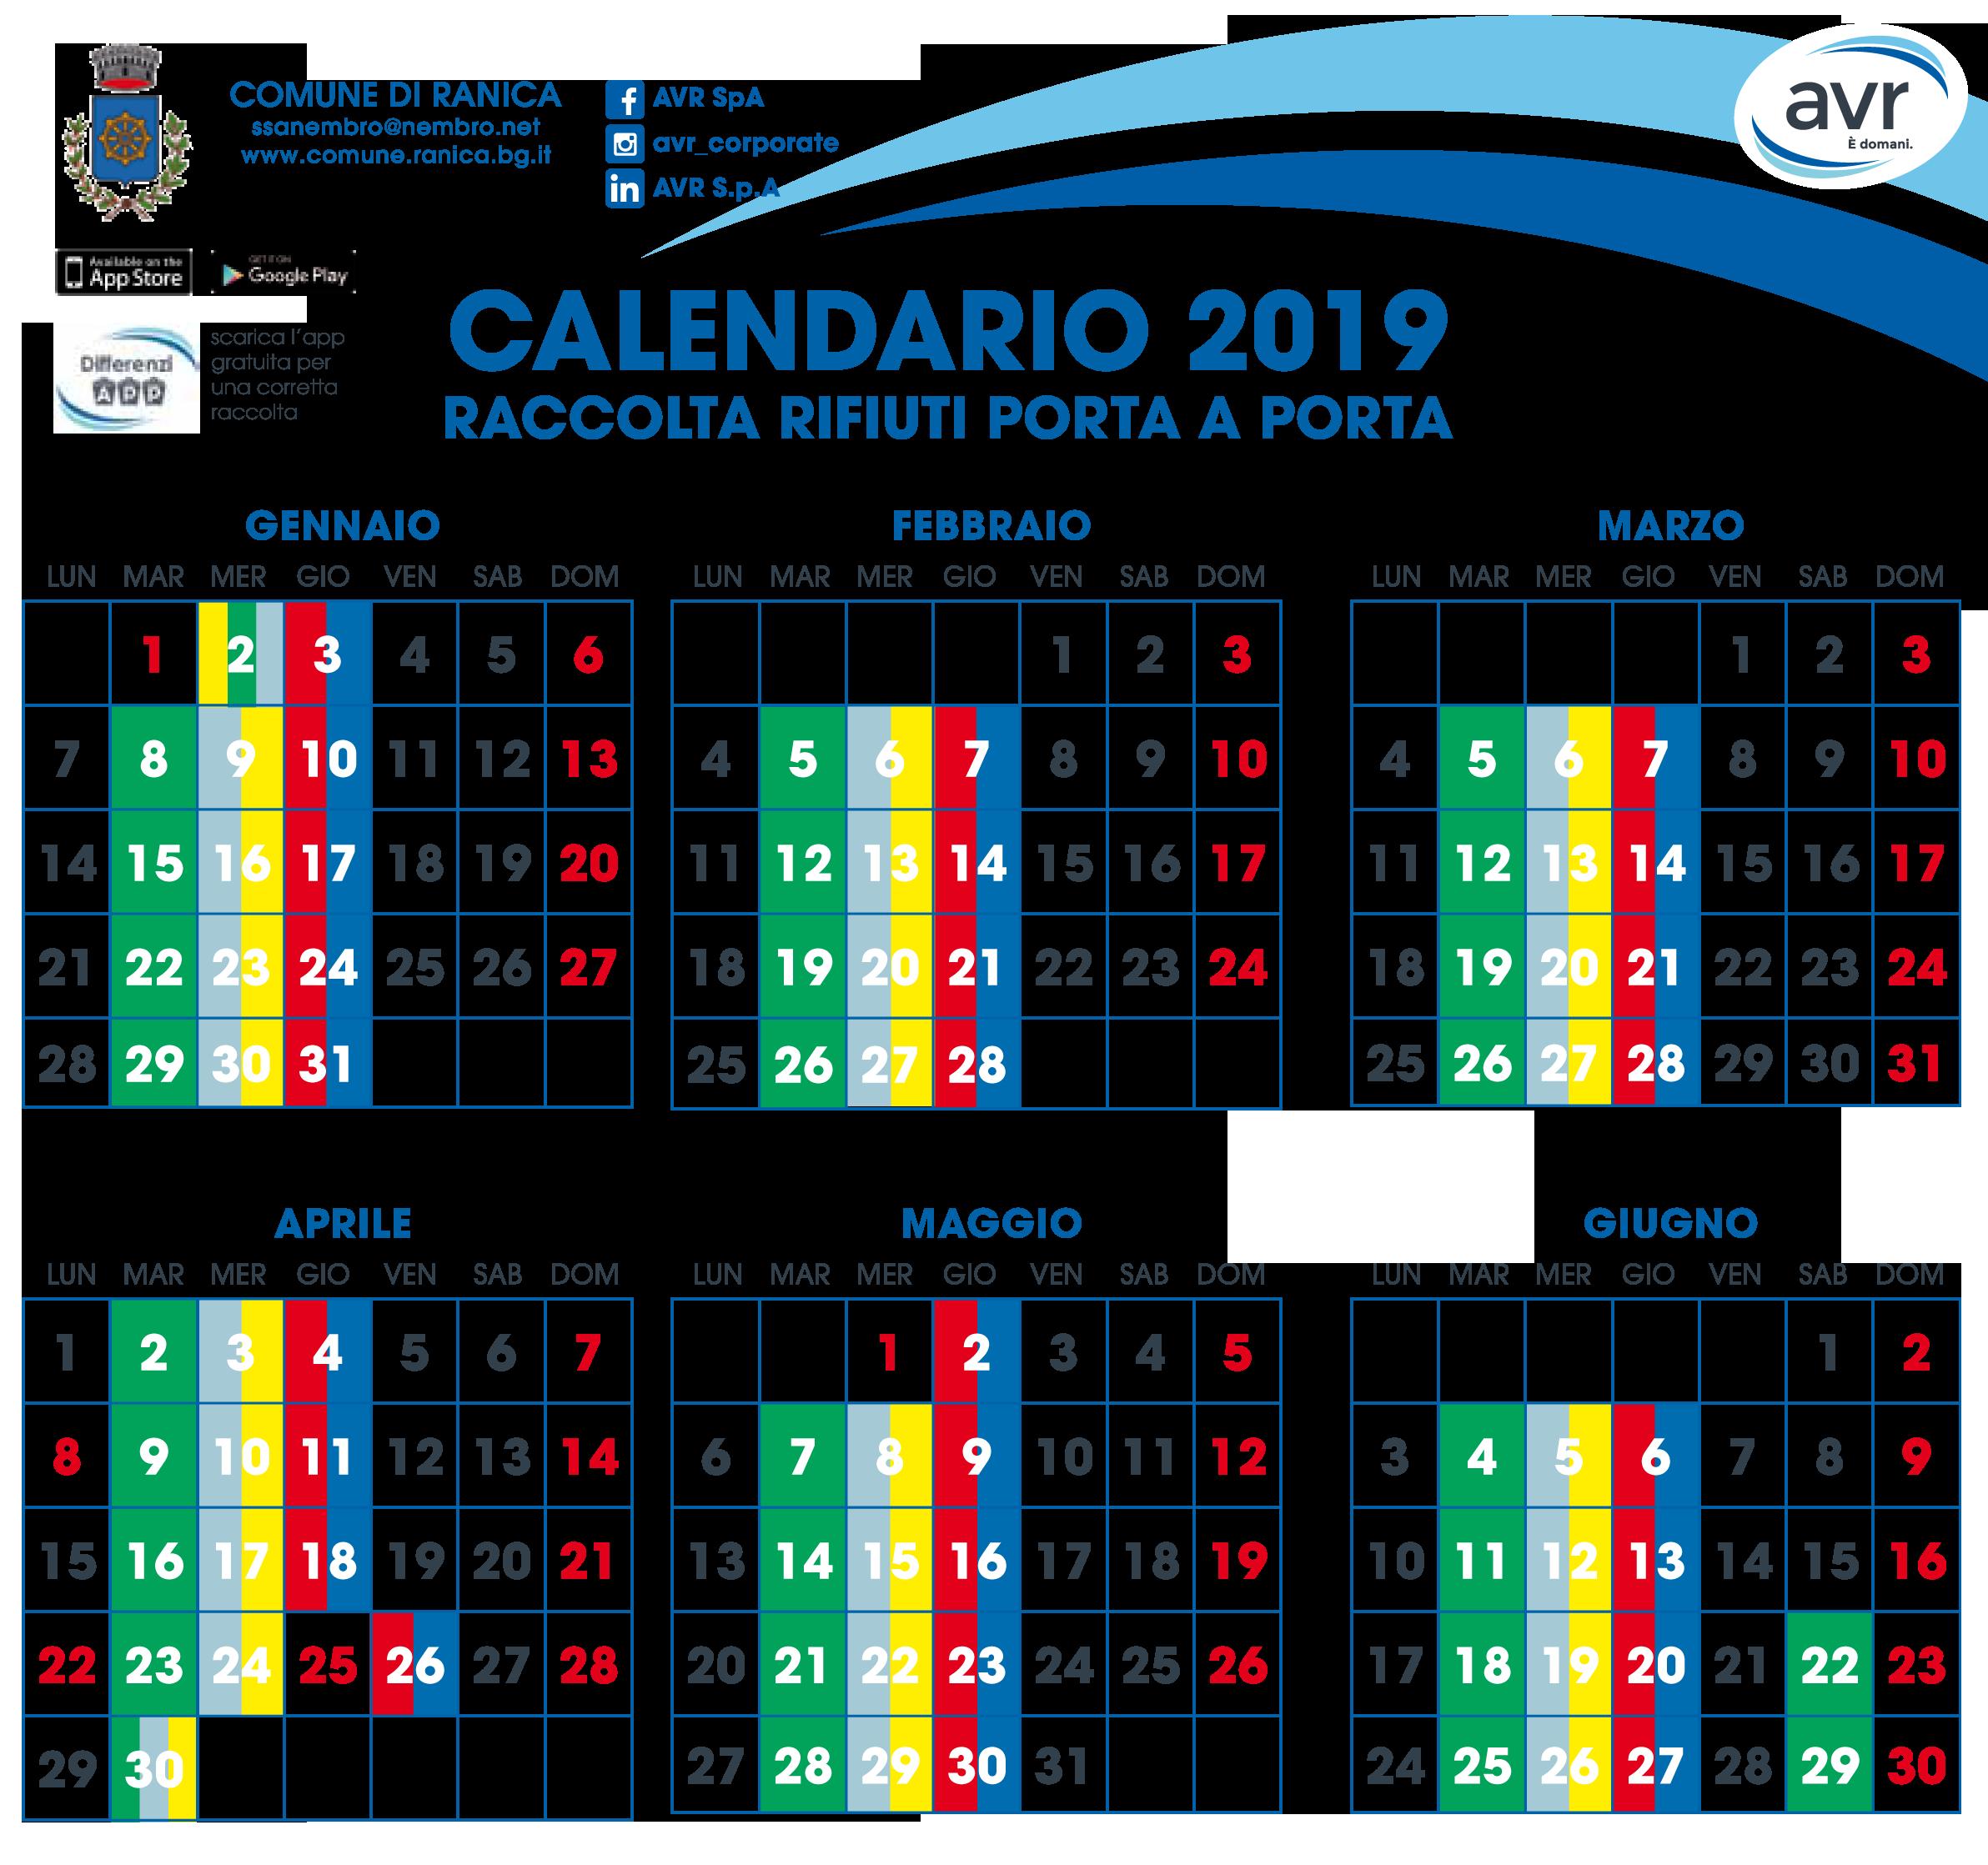 Calendario raccolta rifiuti porta a porta : Comune di Ranica